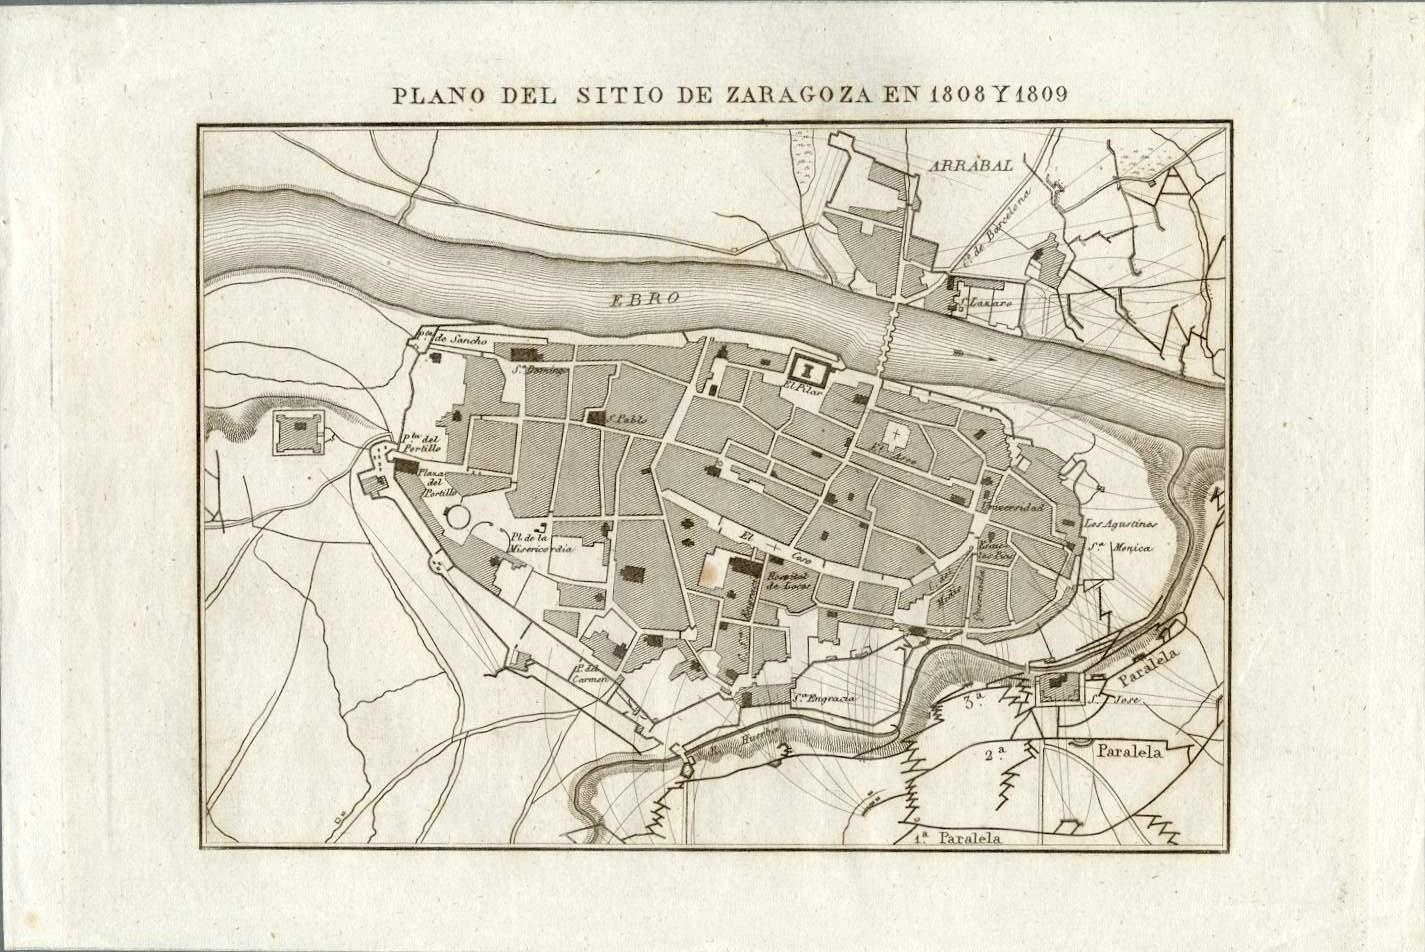 Plano del sitio de Zaragoza en 1808 y 1809